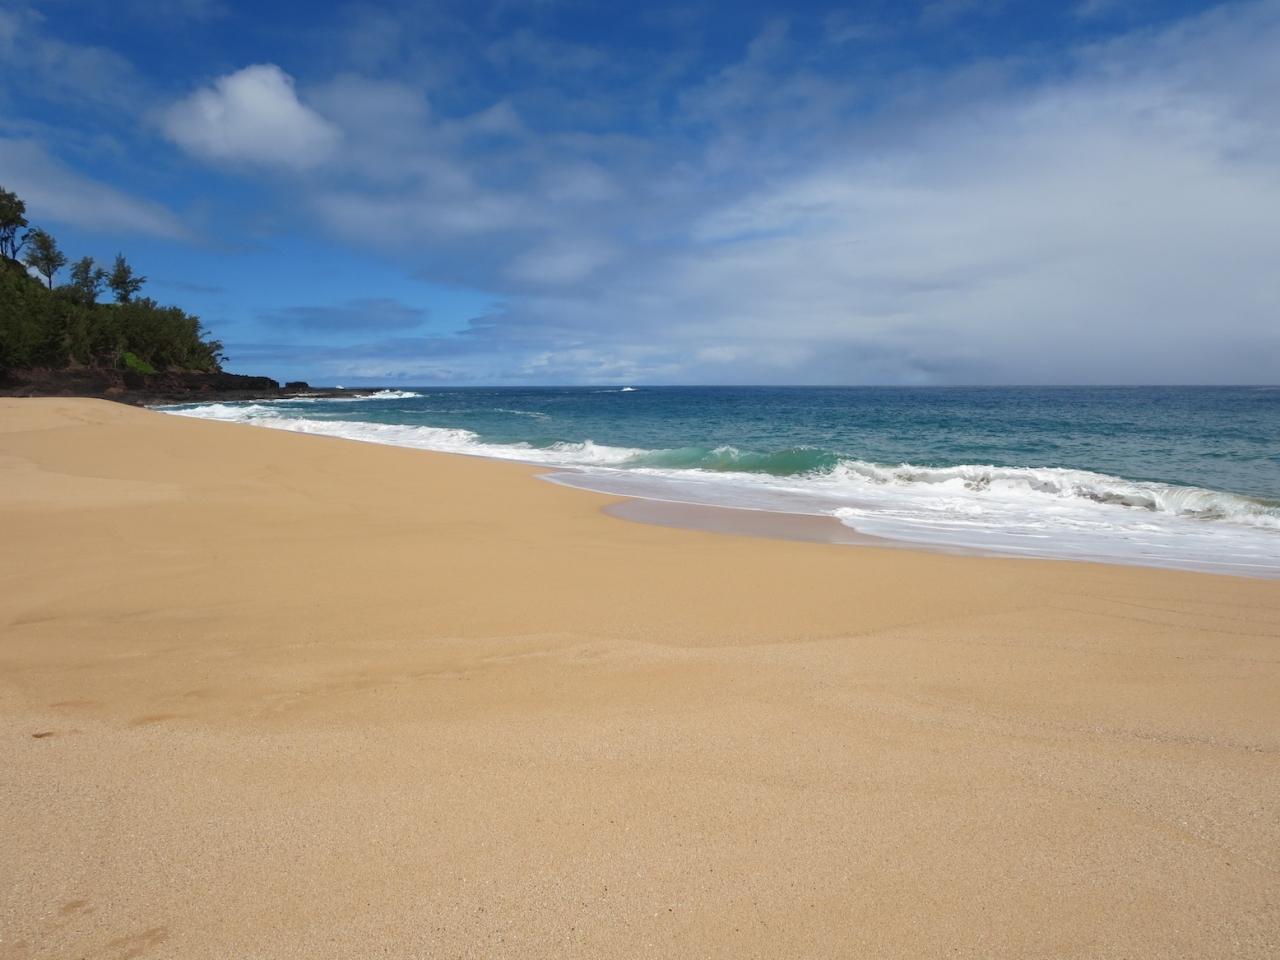 ハワイ パイレーツオブカリビアン シークレット・ビーチ